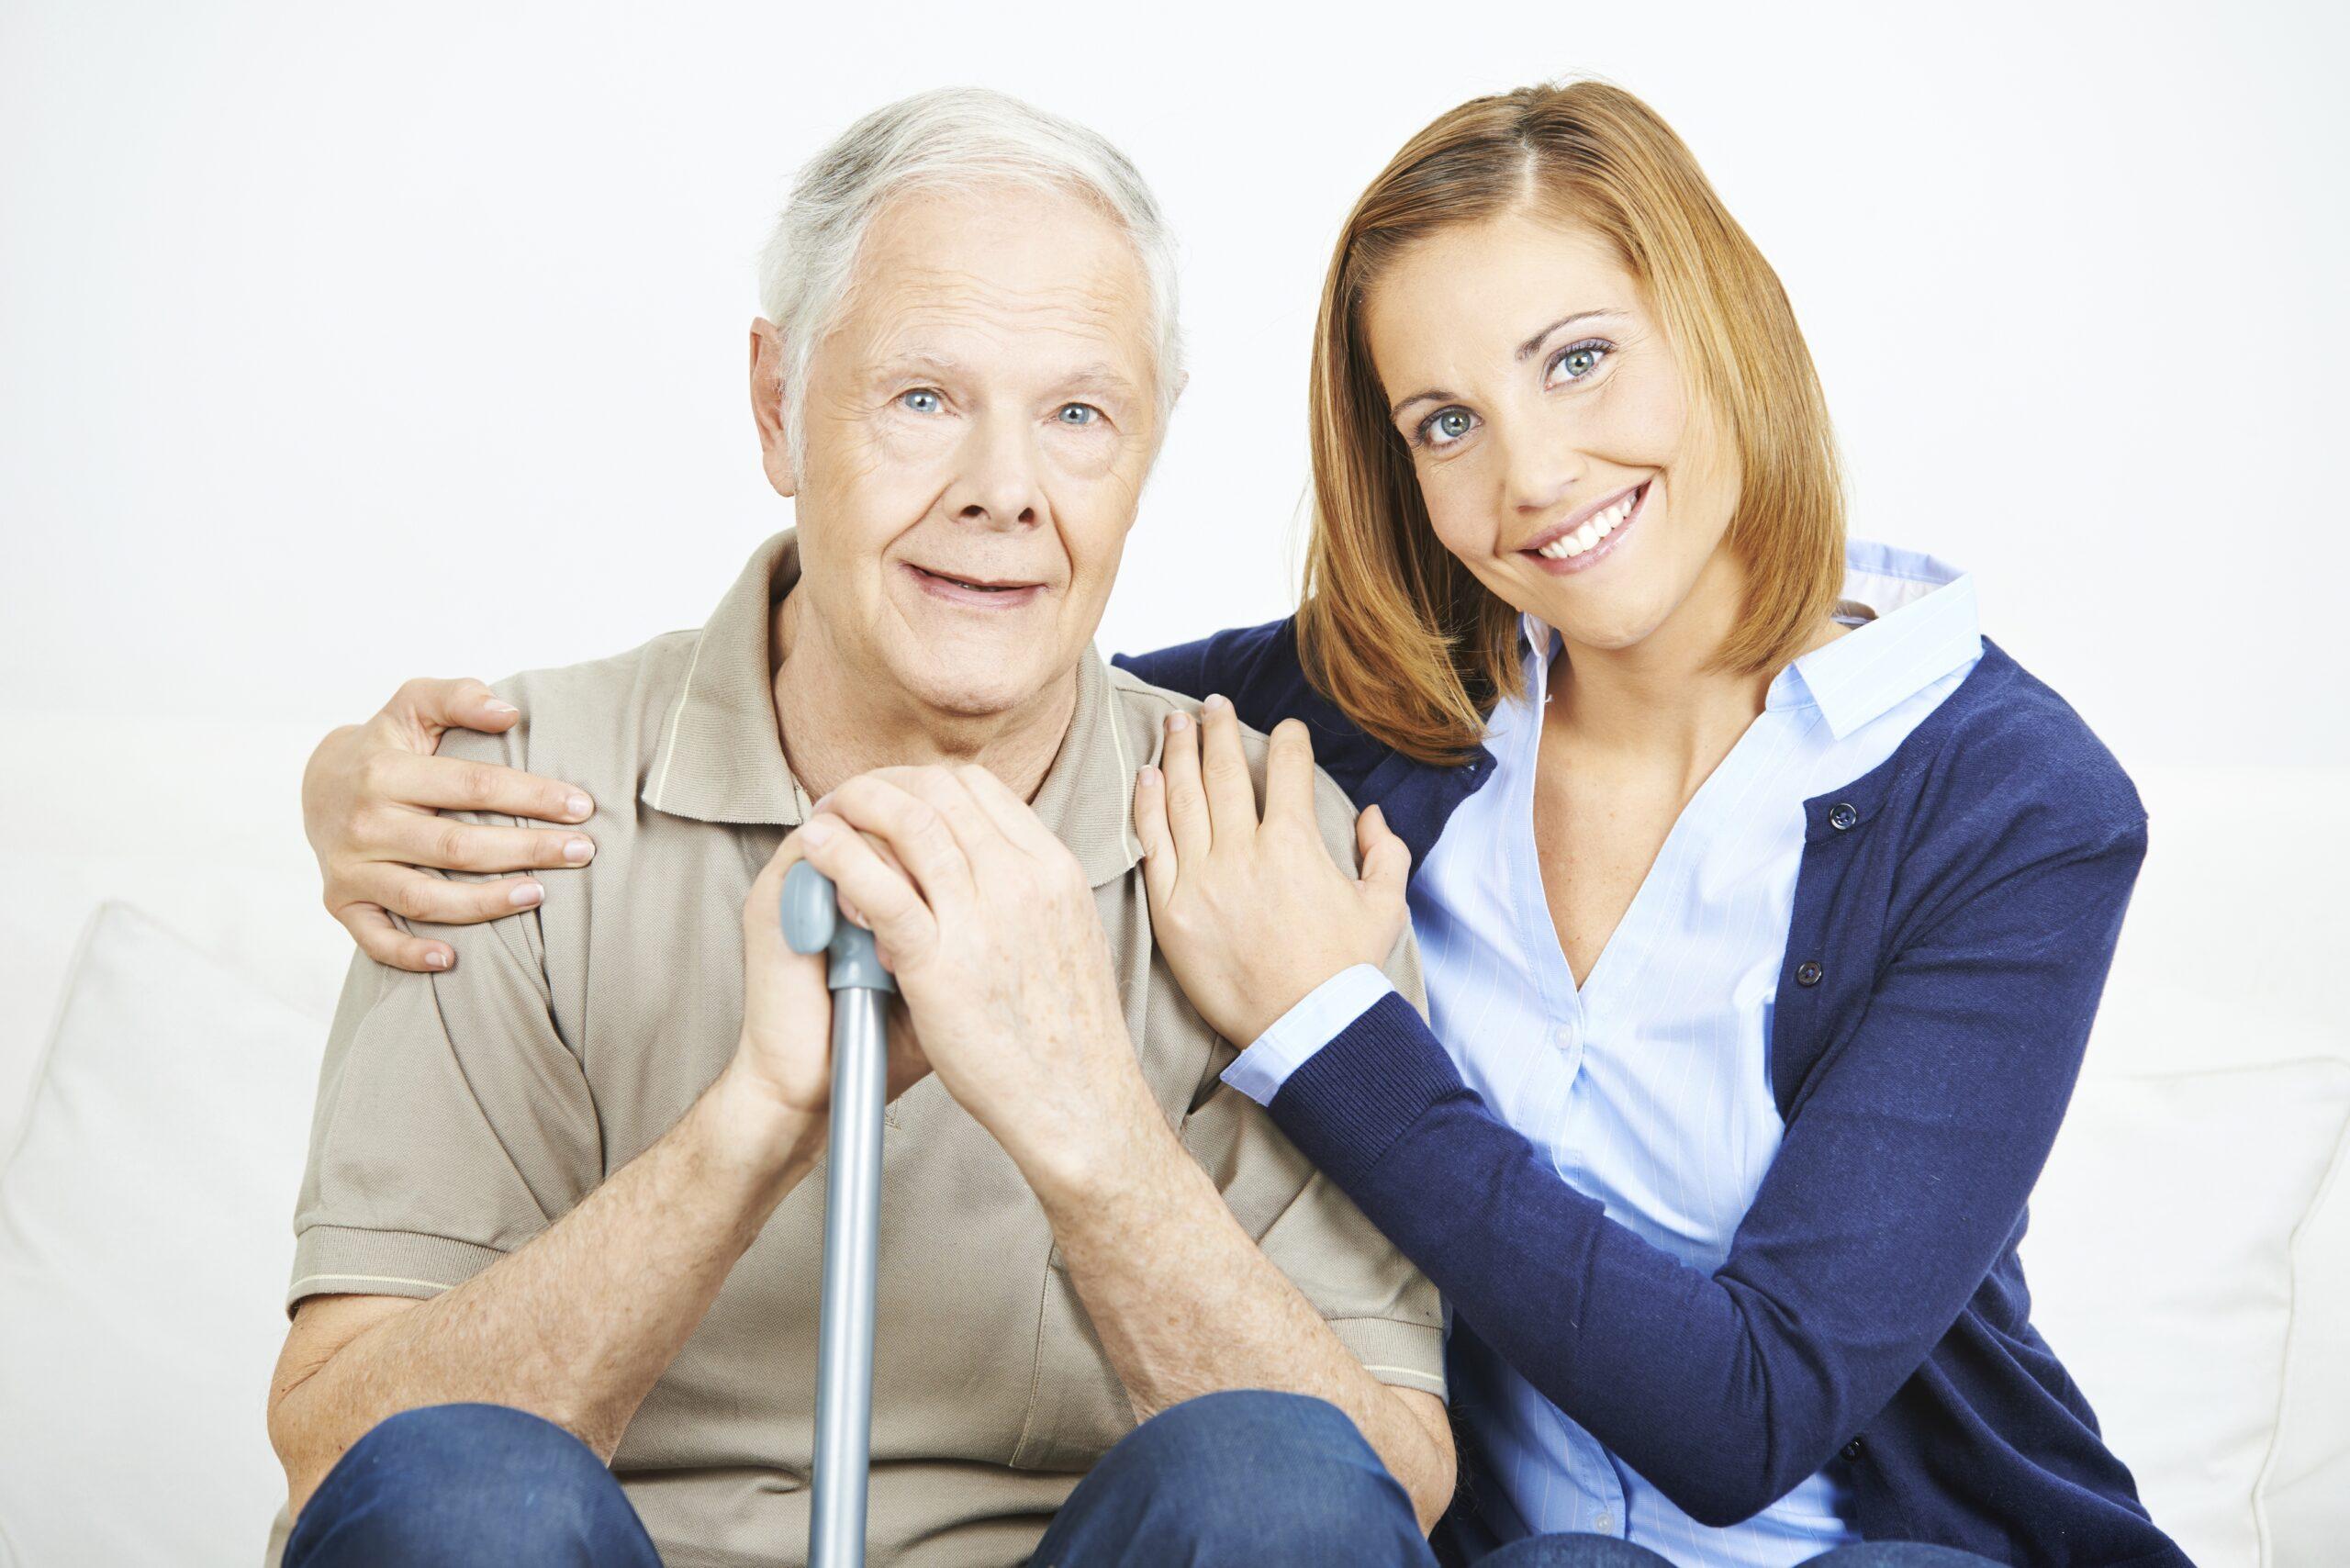 8 Best Safe Travel Tips For Seniors